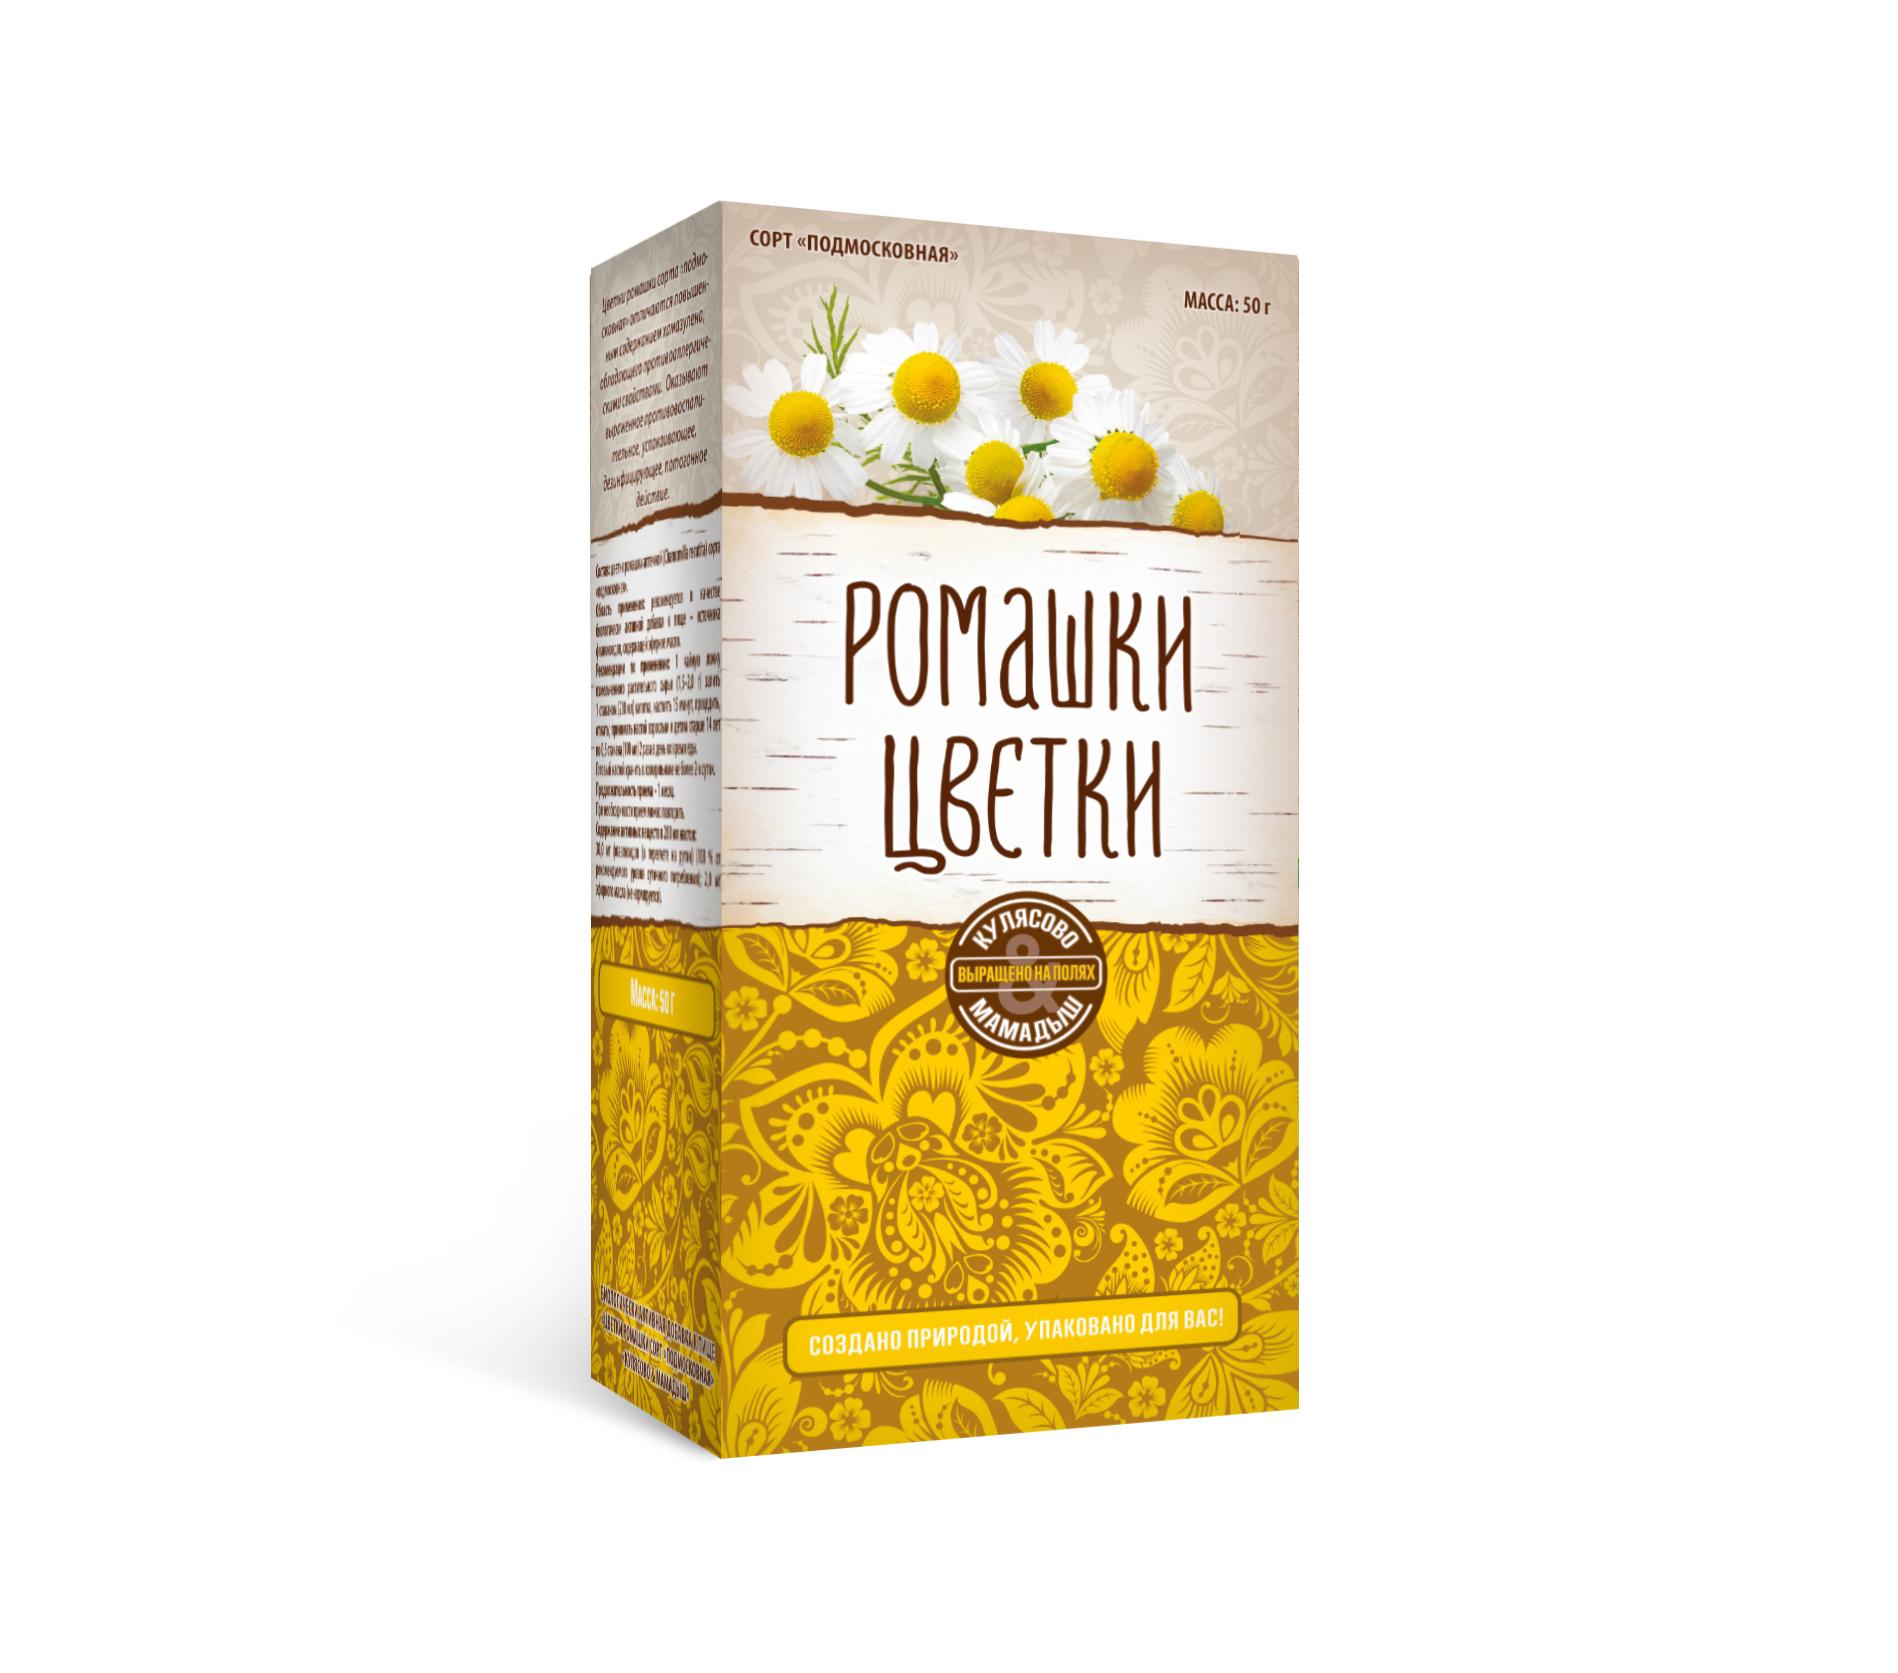 Цветки ромашки сорта «Подмосковная». Кулясово & Мамадыш (россыпь): описание, инструкция по применению